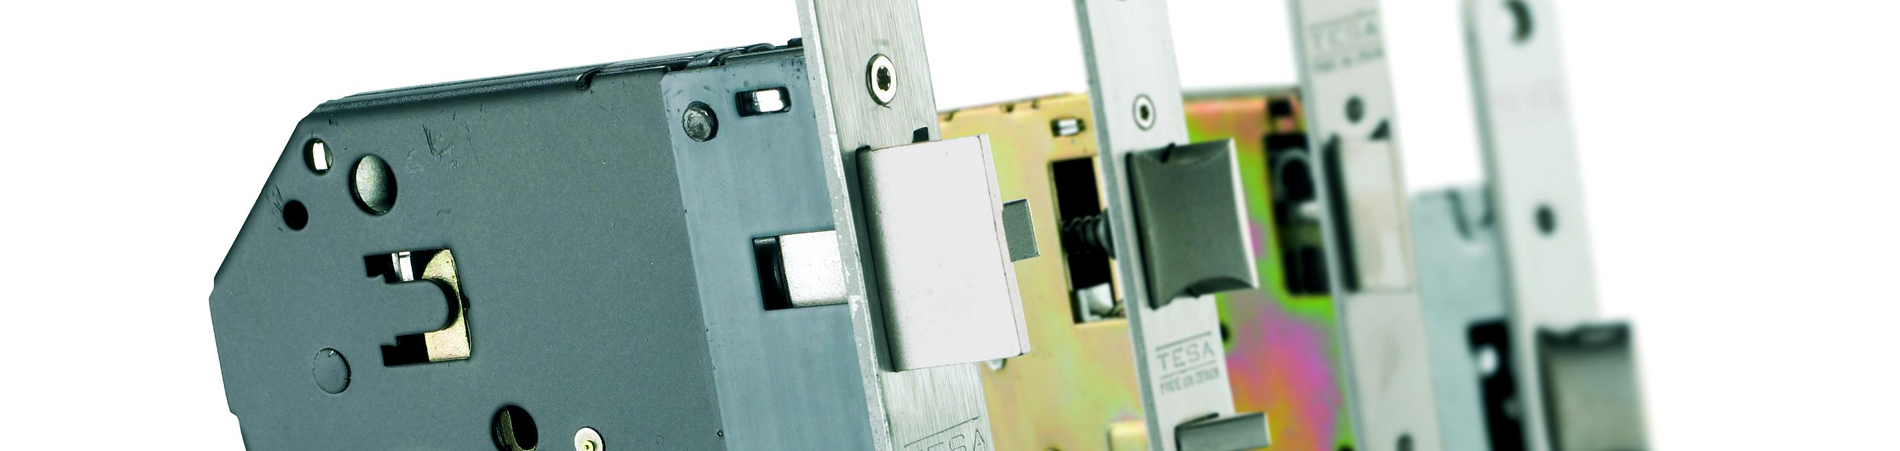 Cerraduras embutidas para carpintería de madera